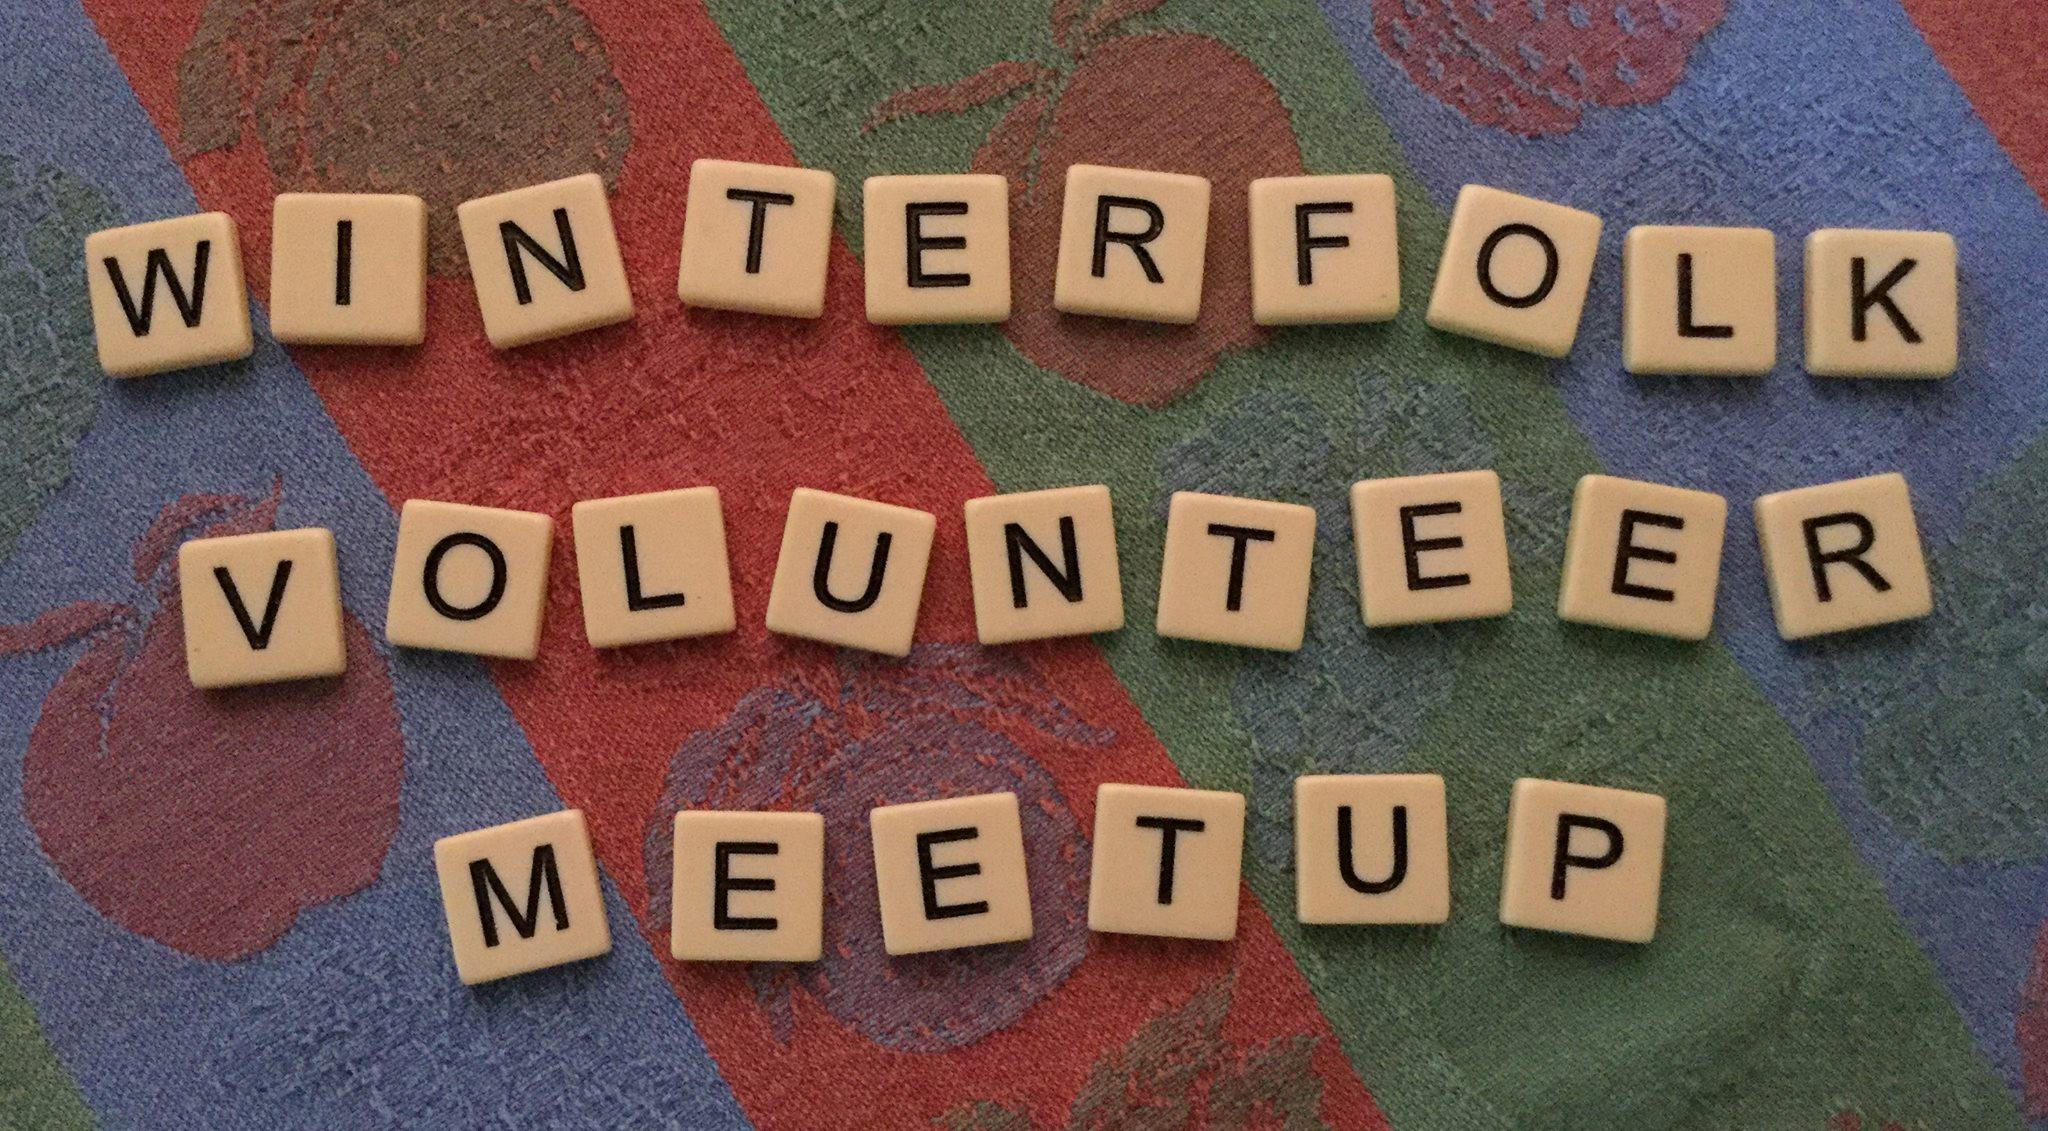 Winterfolk Volunteer Meet Up Saturday Jan 20, 2018